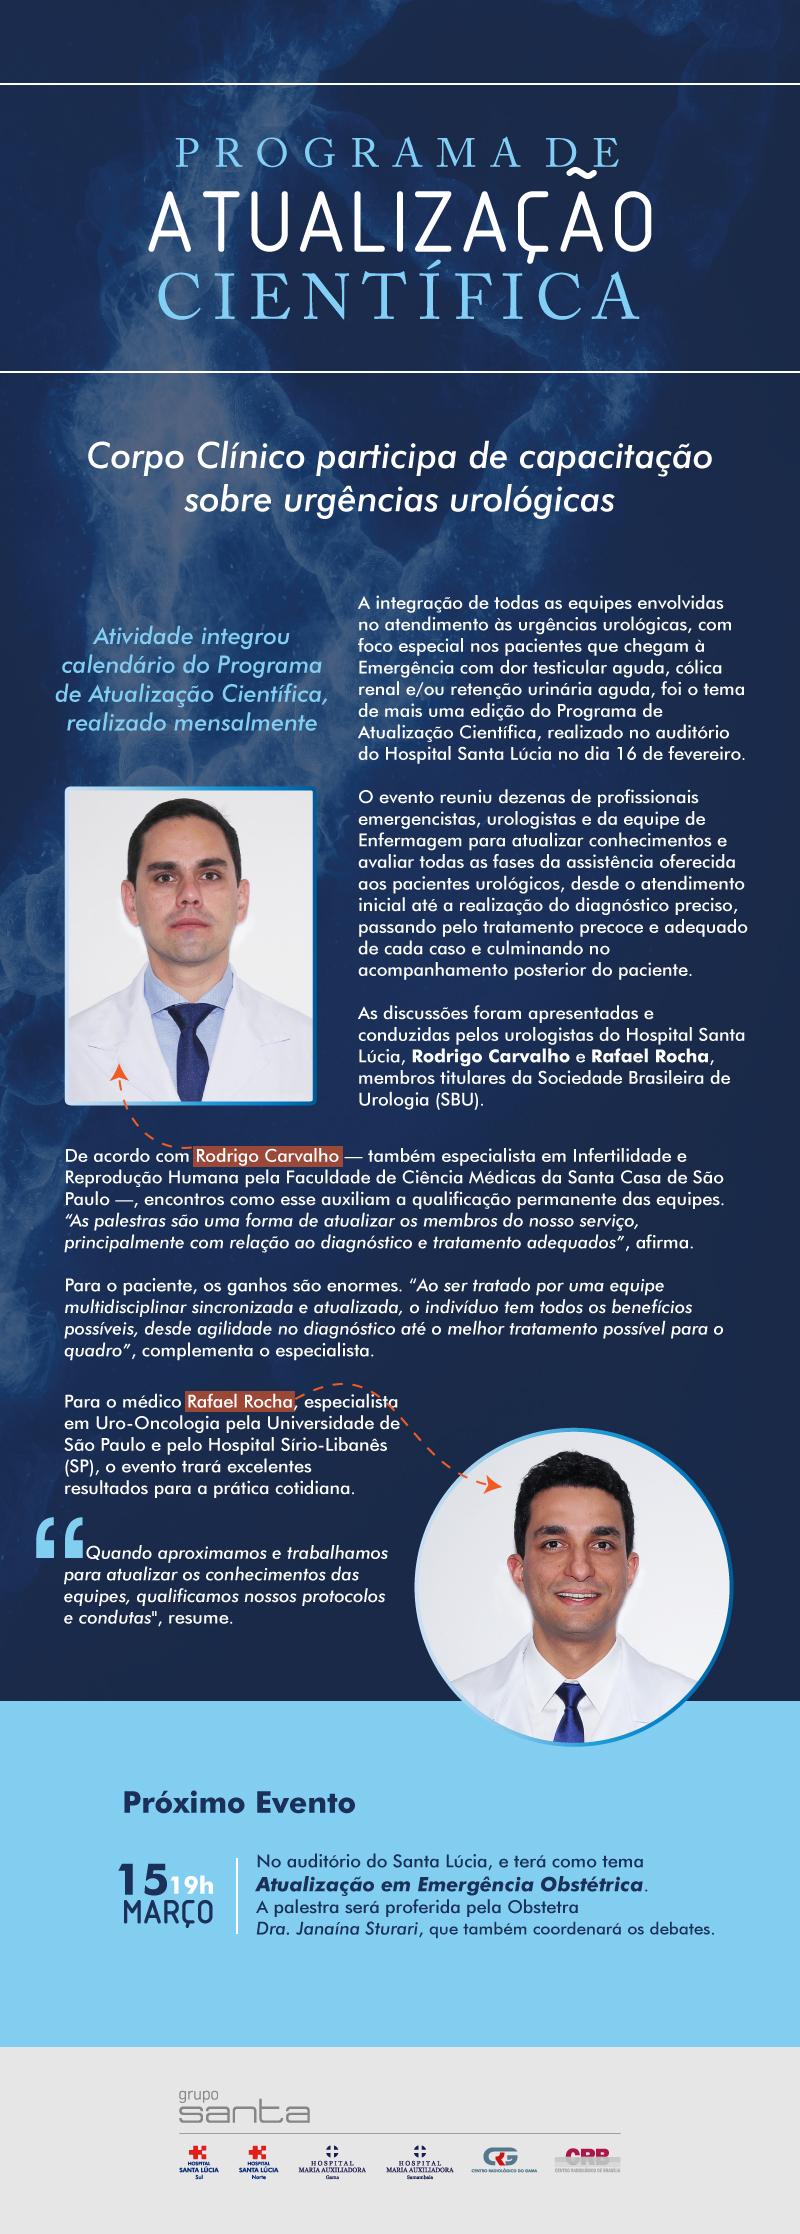 Atualização-Científica_Urgencias-Urologicas_06-03